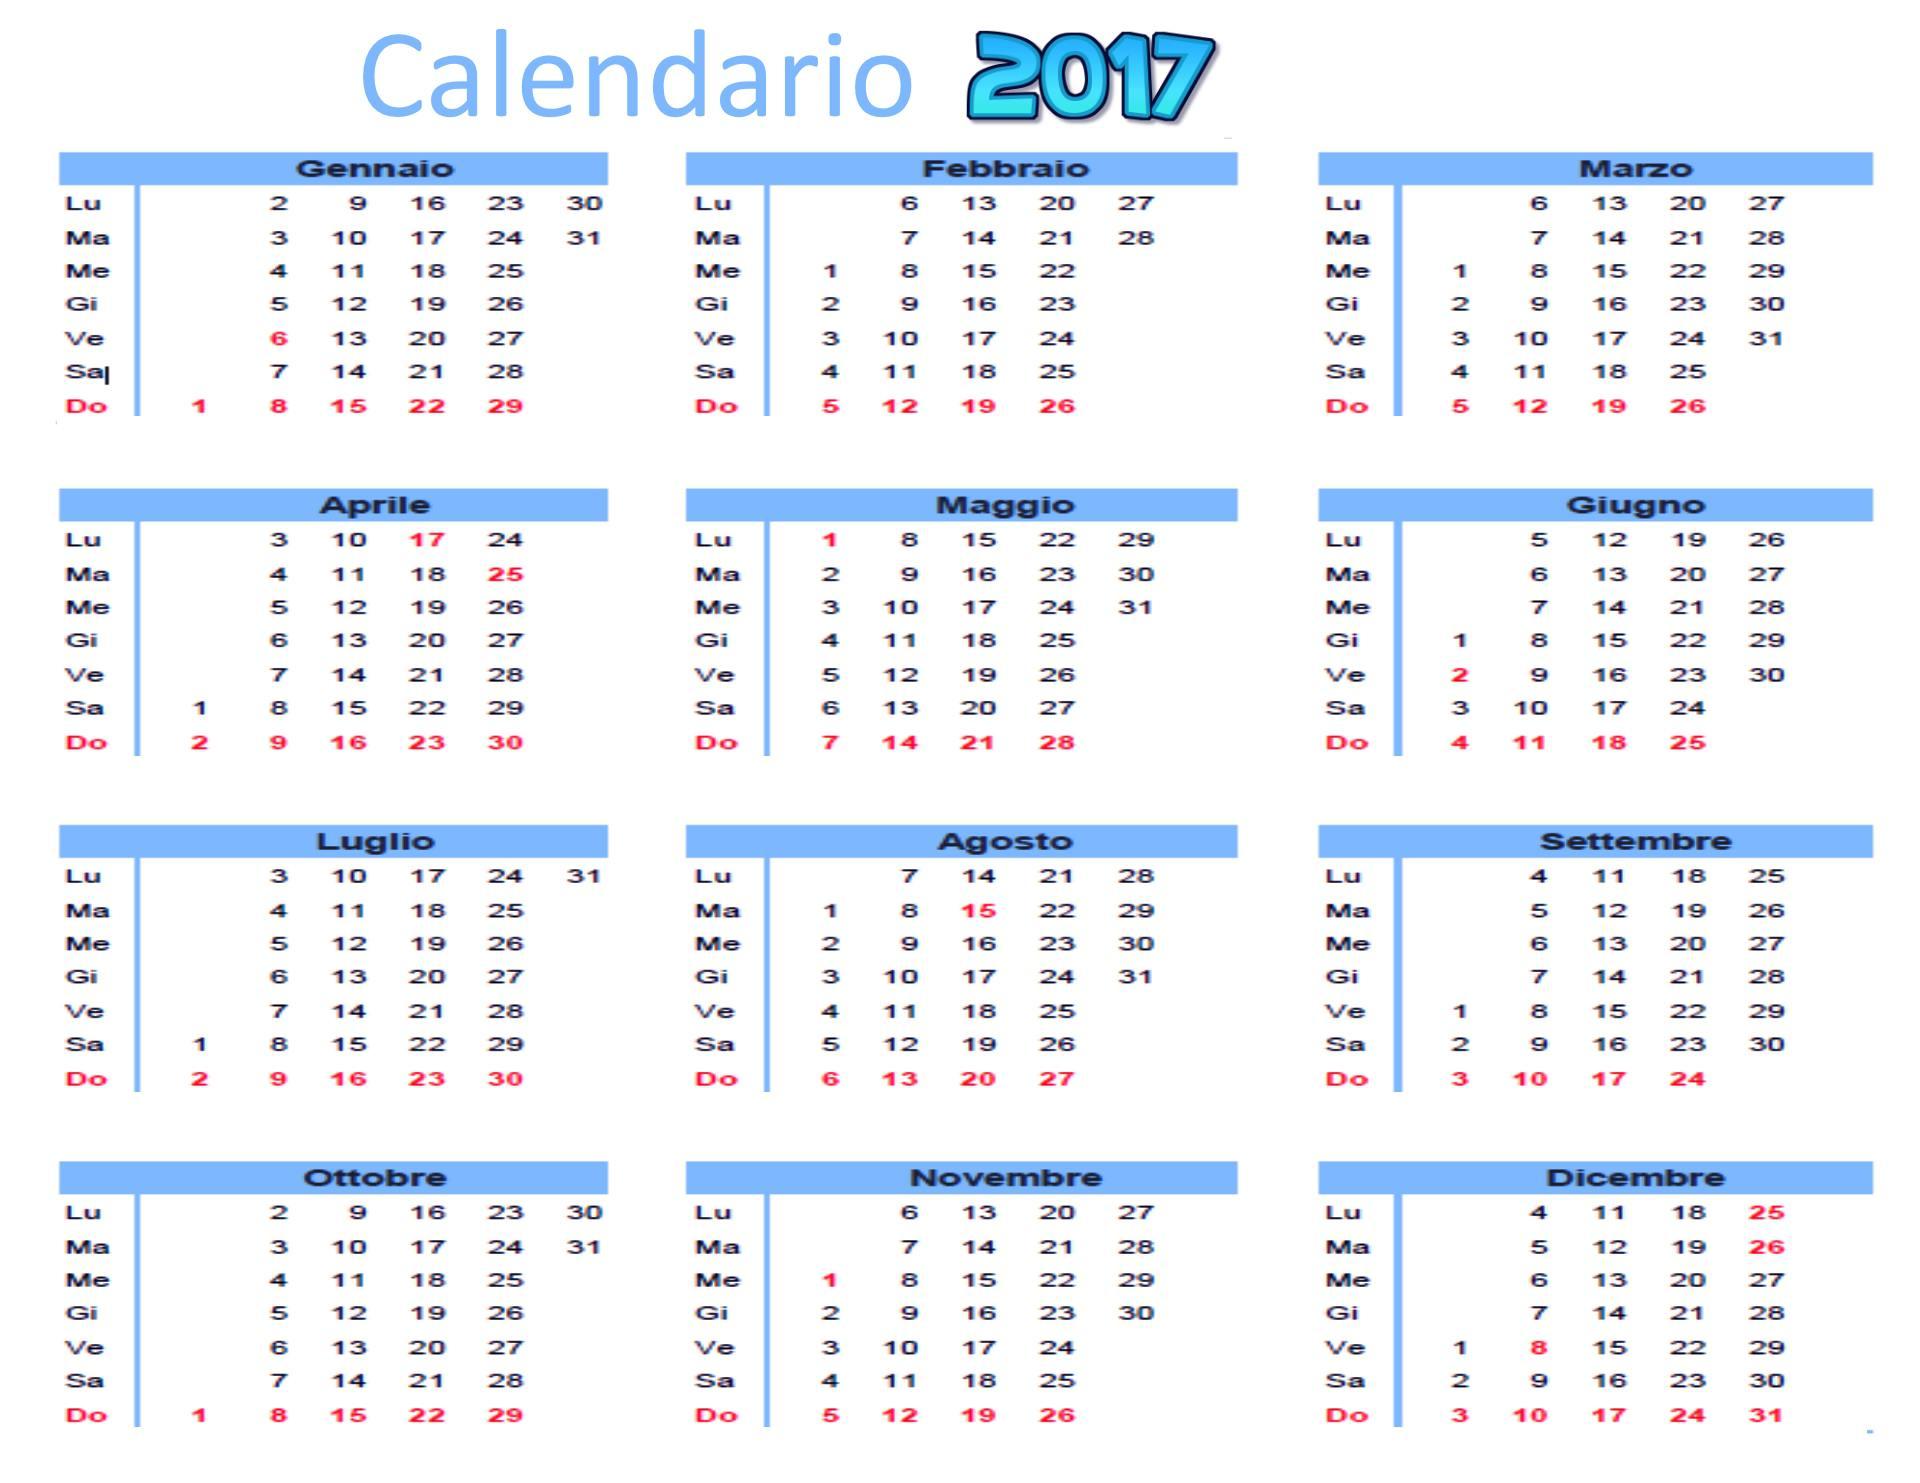 Calendario Da Scaricare.Calendario Annuale 2017 Da Scaricare Gratis E Stampare